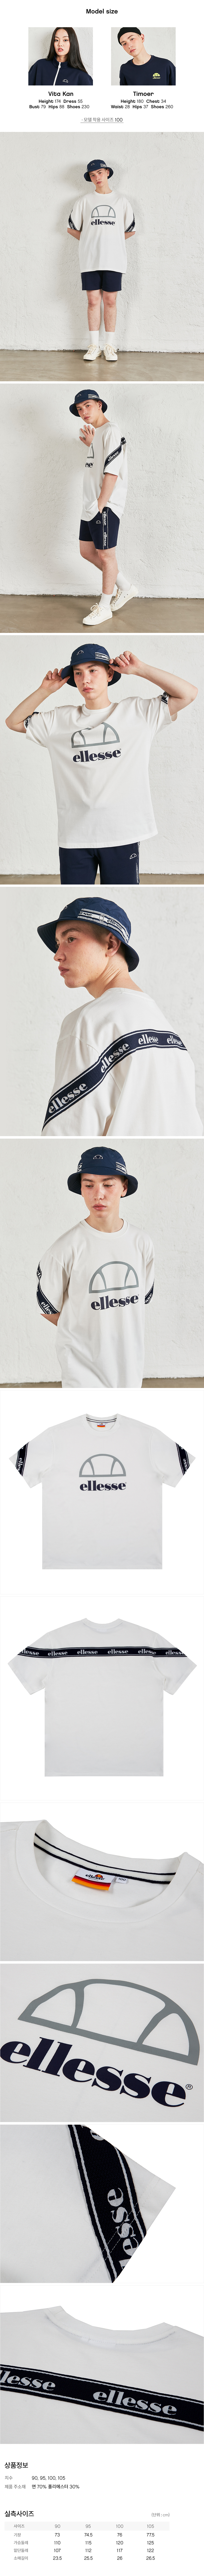 엘레쎄(ELLESSE) 빅 로고 테이프 포인트 티셔츠(오프화이트)EJ2UHTR347